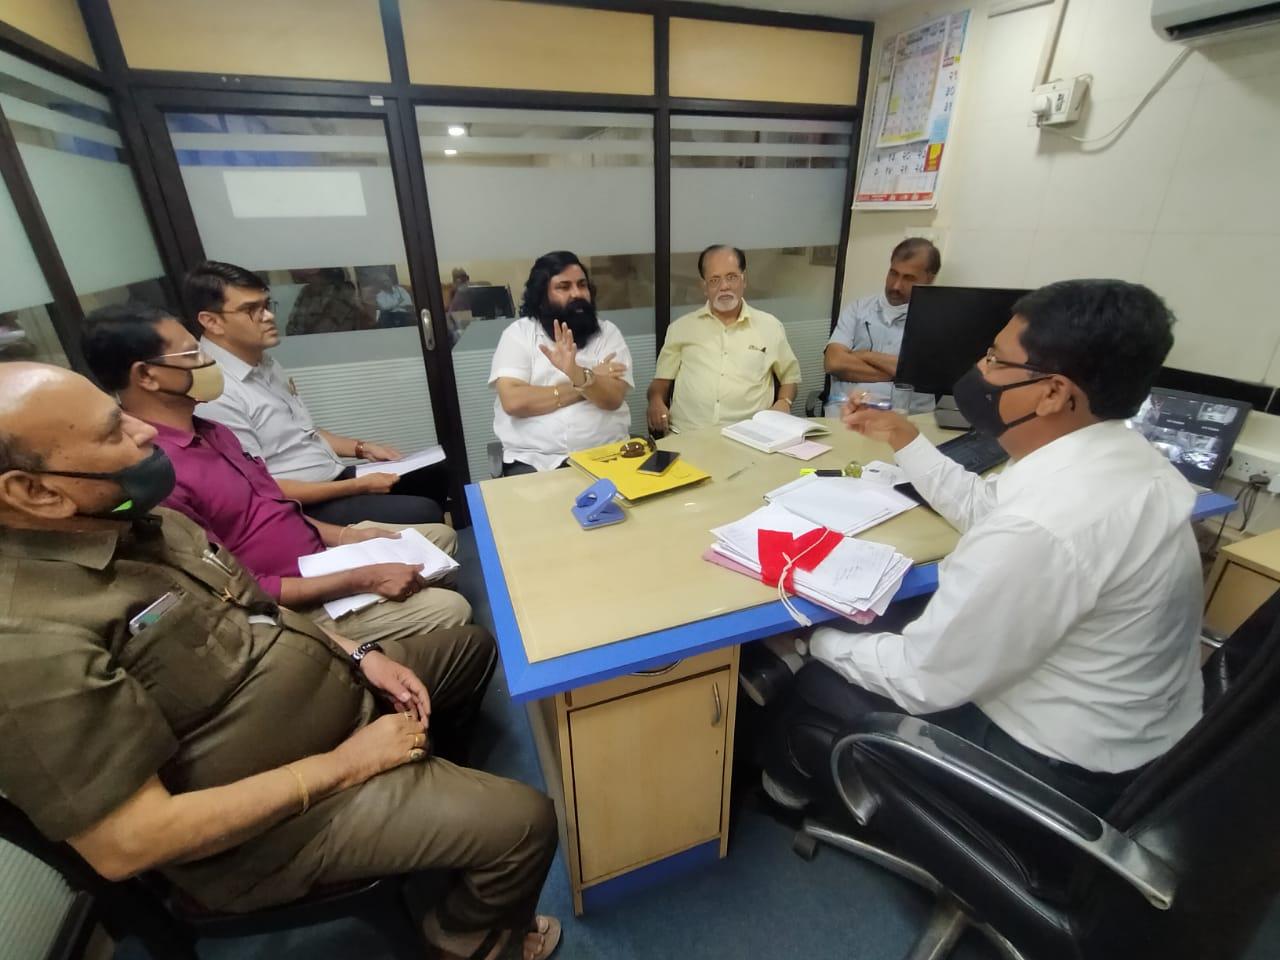 Adarsh Maharashtra | कर्नाळा ठेवीदारांसाठीचा लढा तीव्  साडे चौदा कोटीची अन्य दोन   बोगस कर्ज...